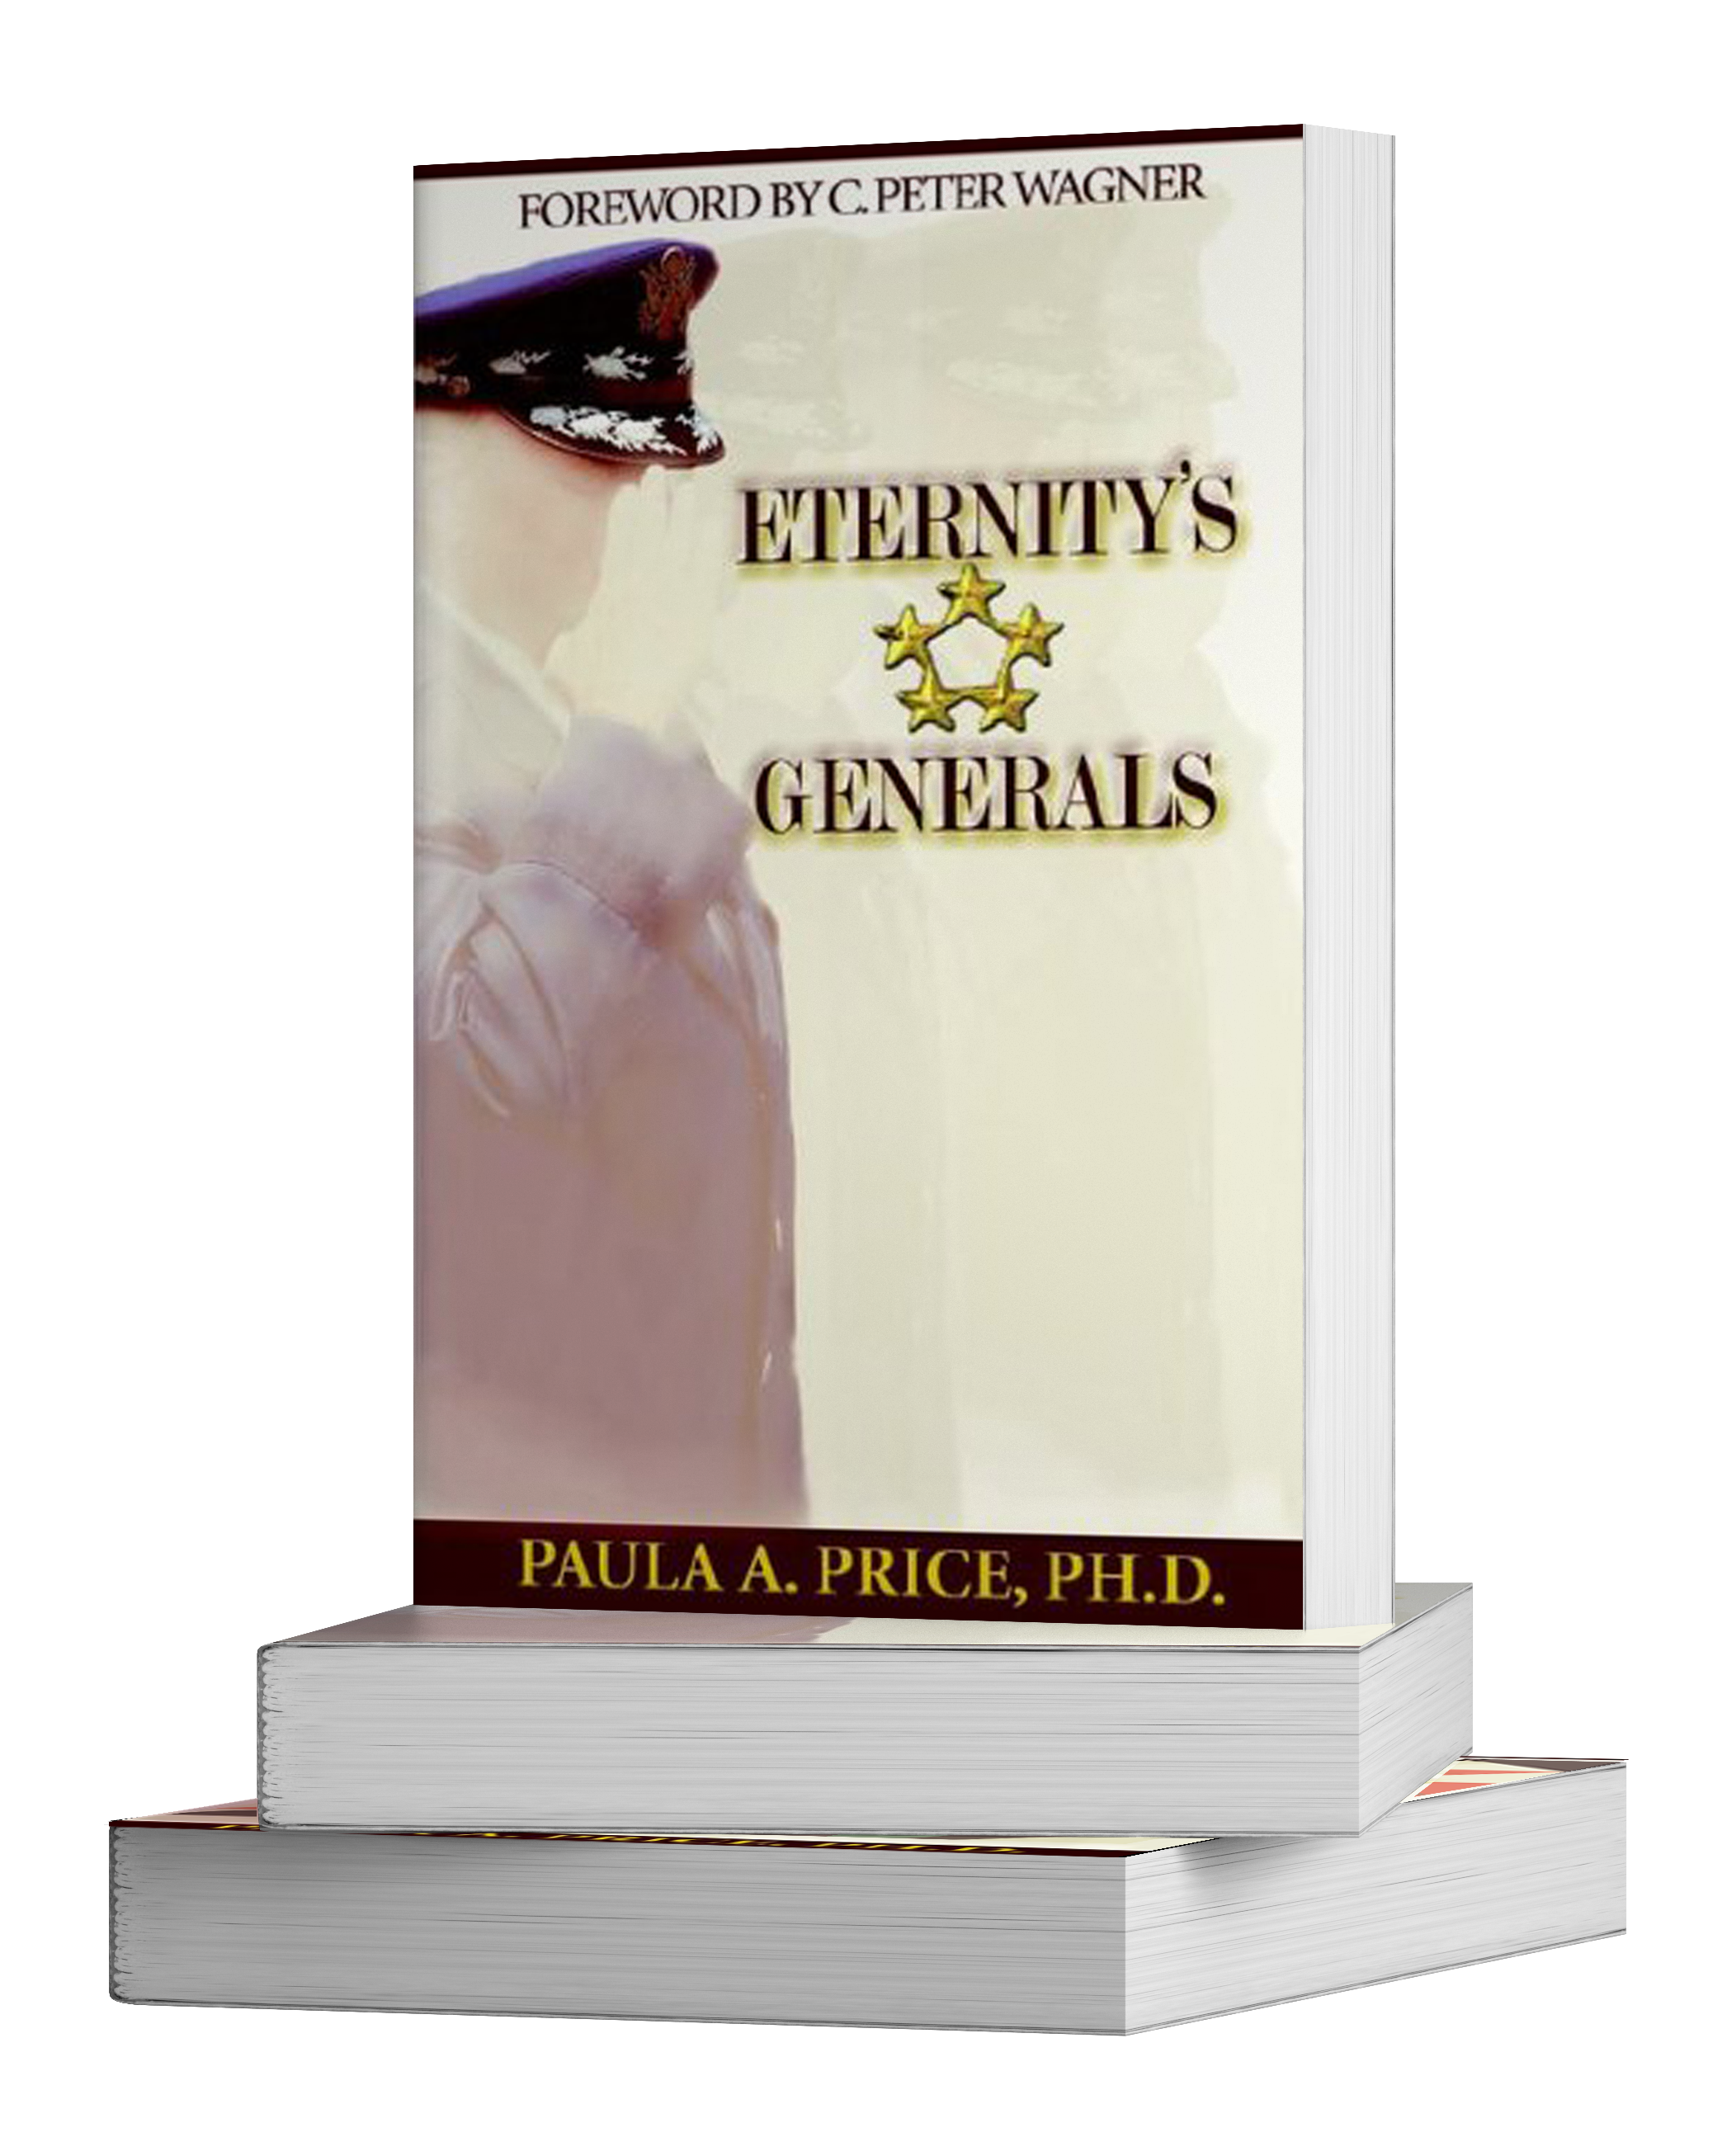 Eternity's Generals